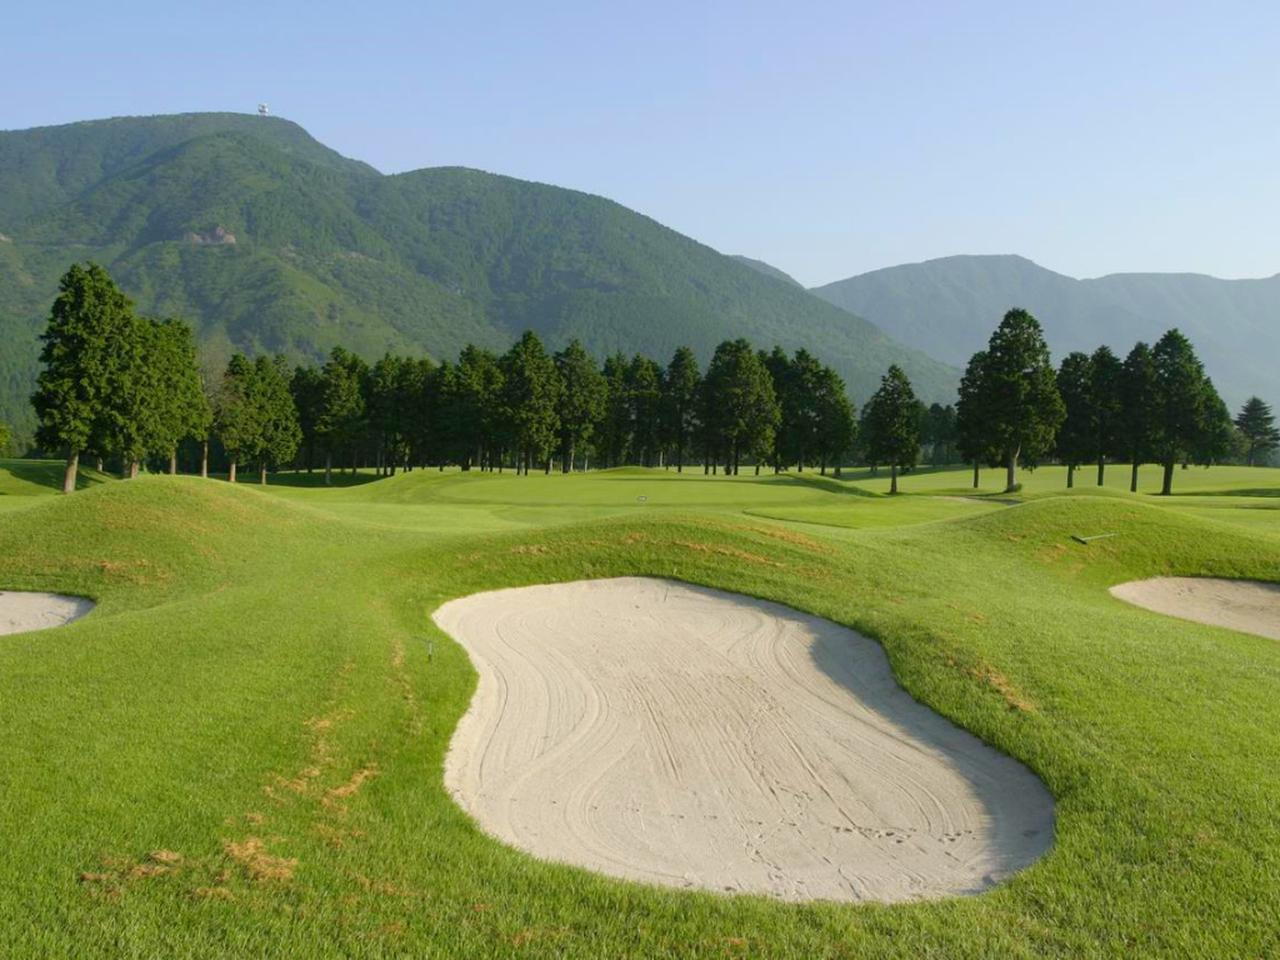 画像: 【大箱根カントリークラブ】LPGAツアーCAT Ladiesの舞台。美しい箱根の外輪山と雄大な仙石原高原を背景に広がる雄大なチャンピオンコース。